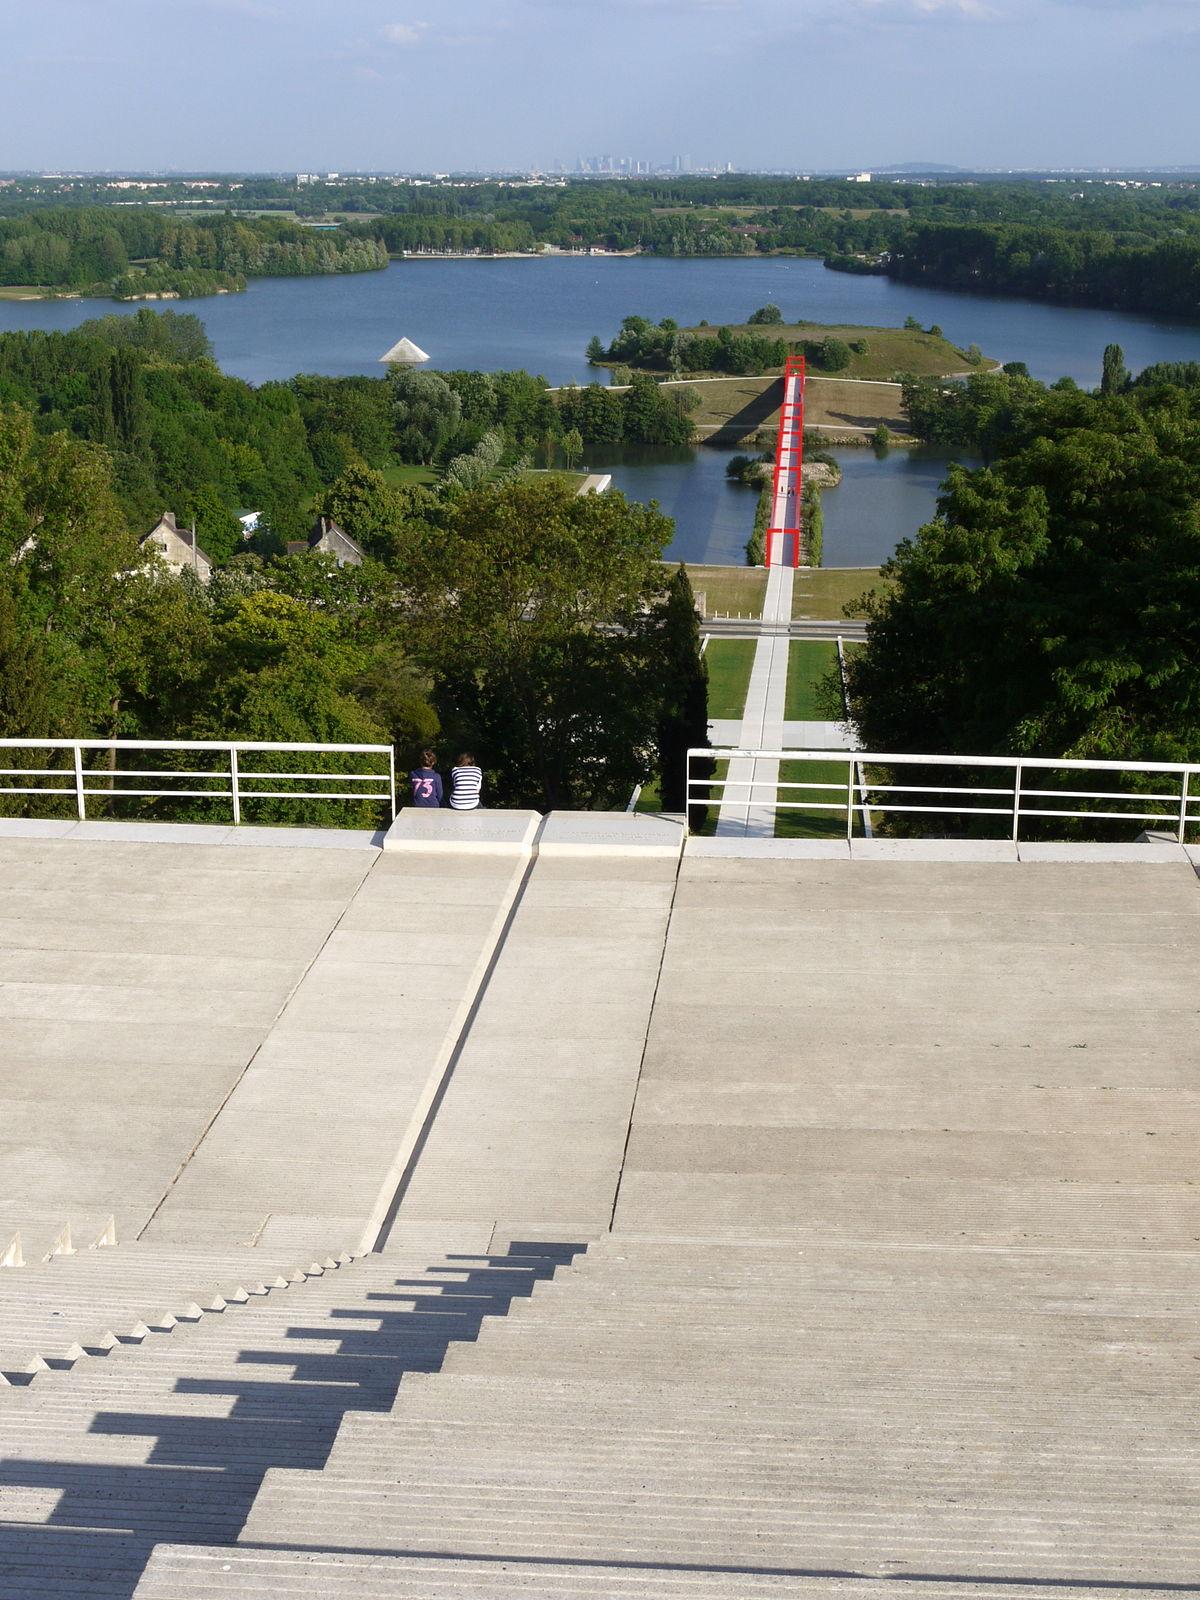 Axe majeur wikip dia - Horaire piscine axe majeur ...